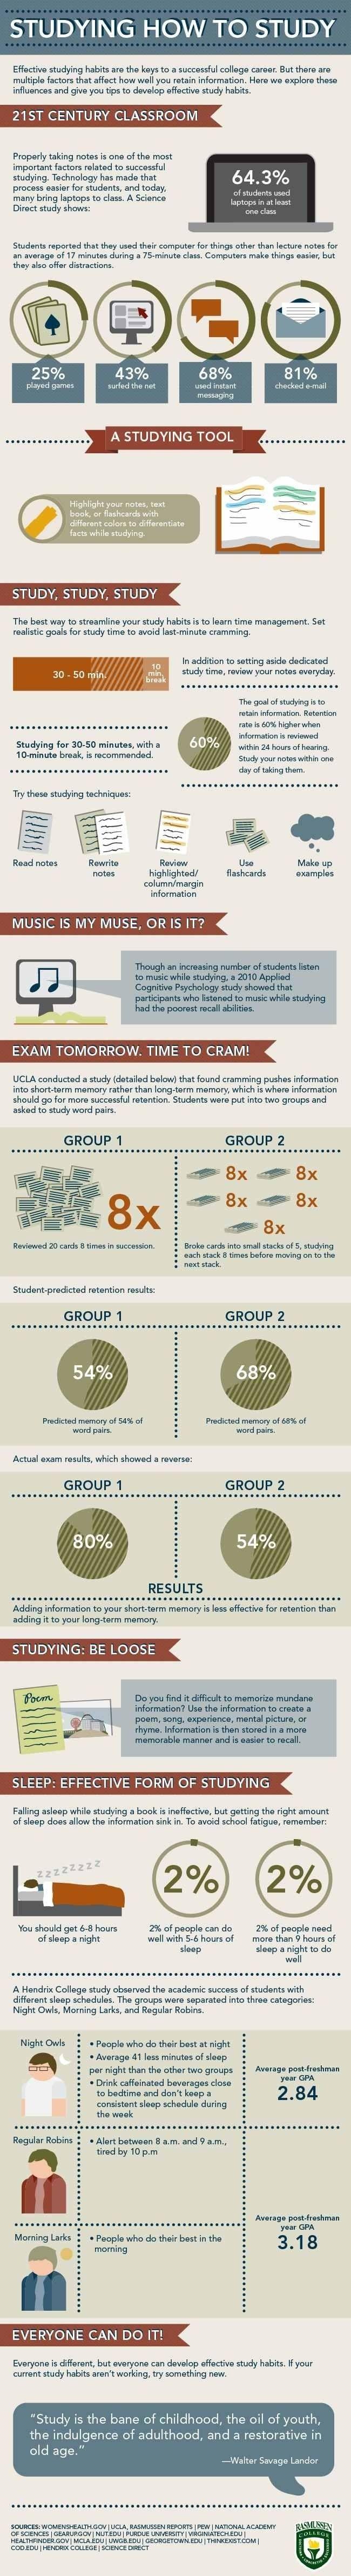 Estudiando como estudiar #infografia #infographic#education